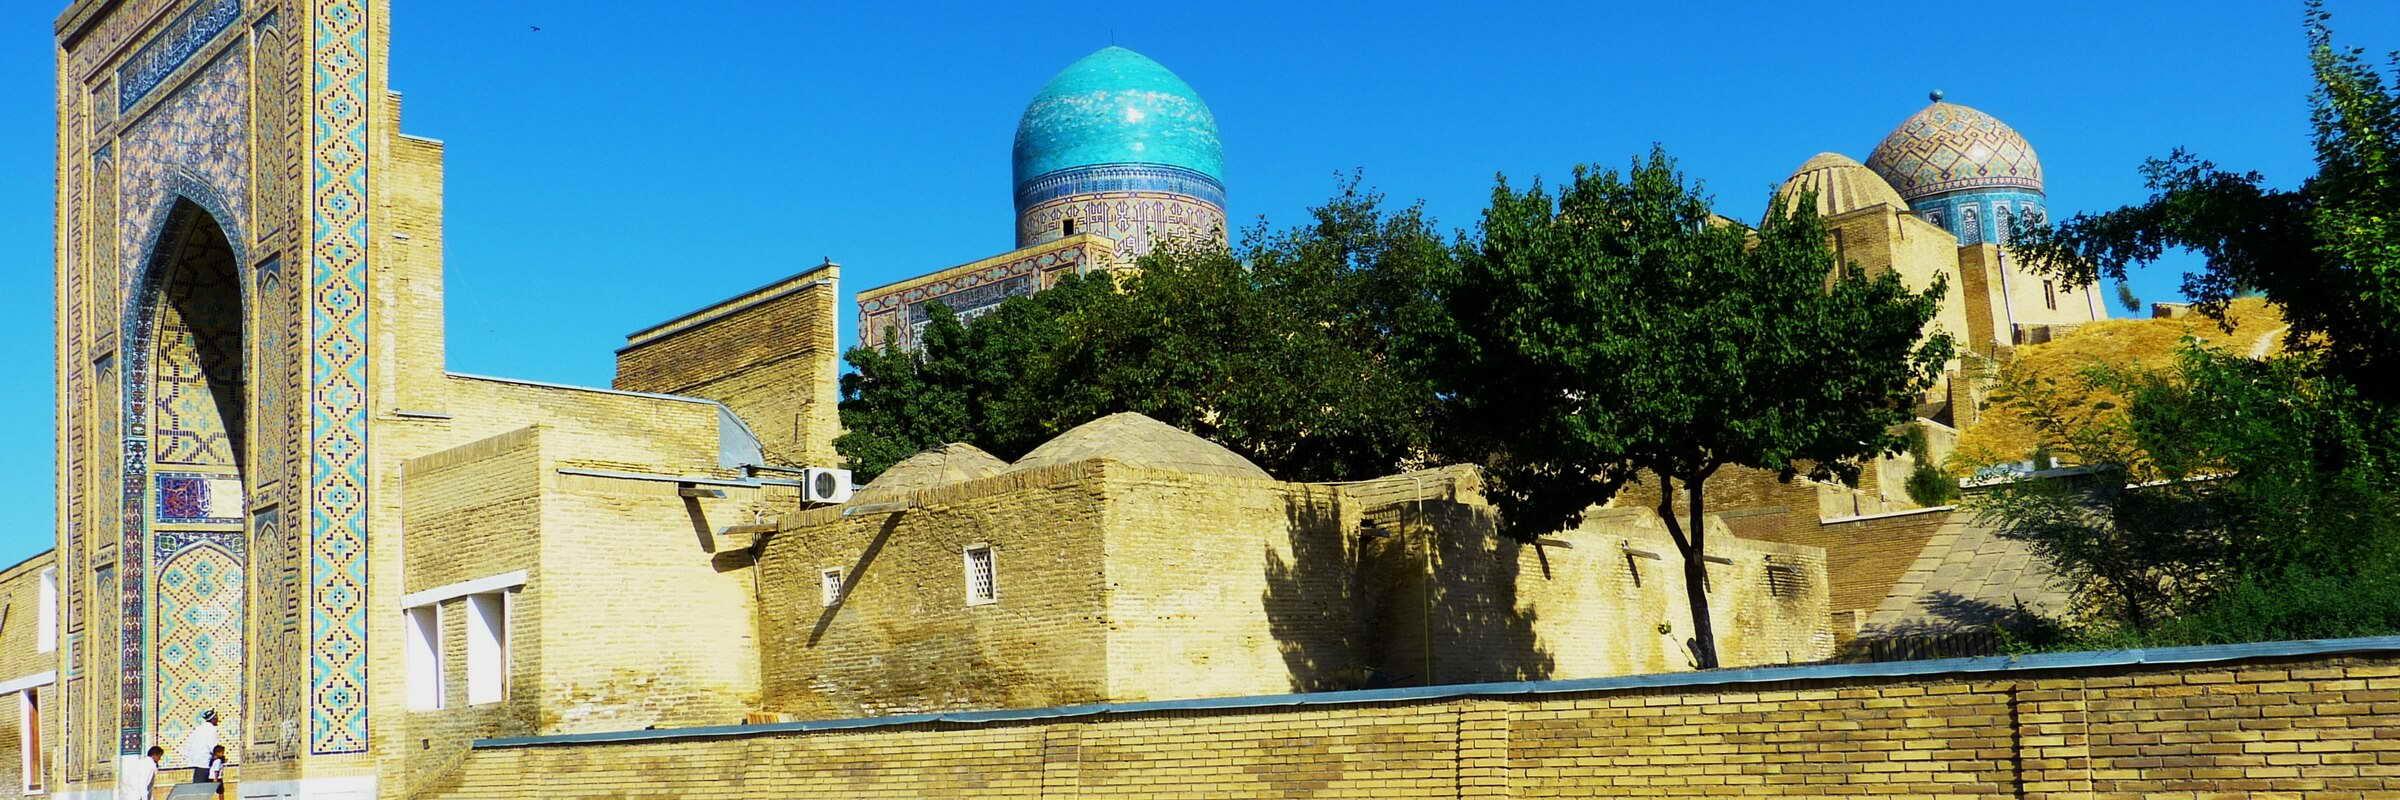 Shohizinda im usbekischen Samarkand ist eine der bekanntesten Nekropolen in Zentralasien.